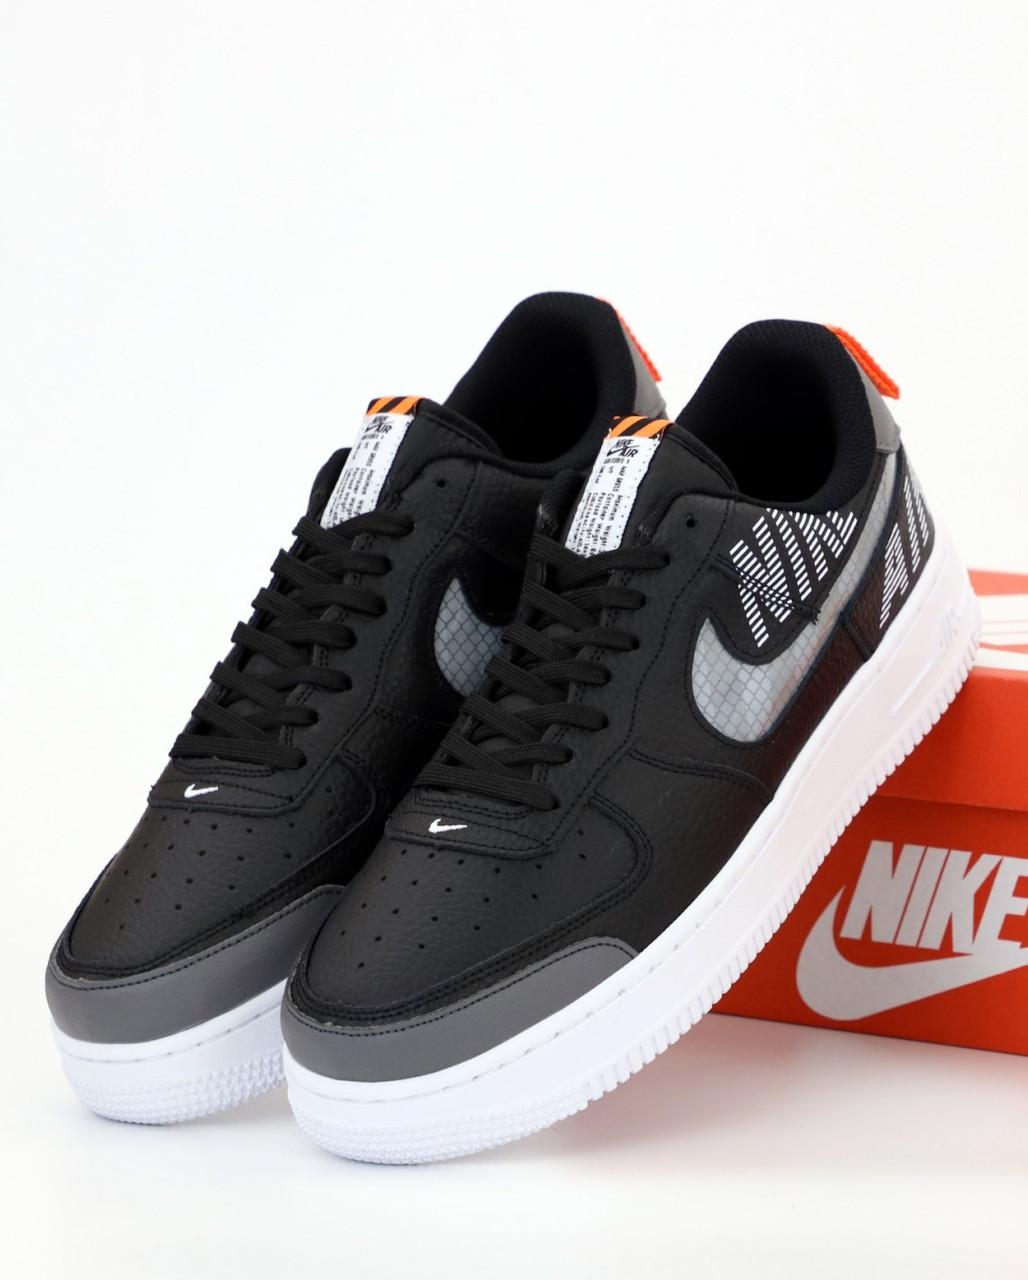 Мужские кроссовки Nike Air Force 1 Low Black, рефлективные